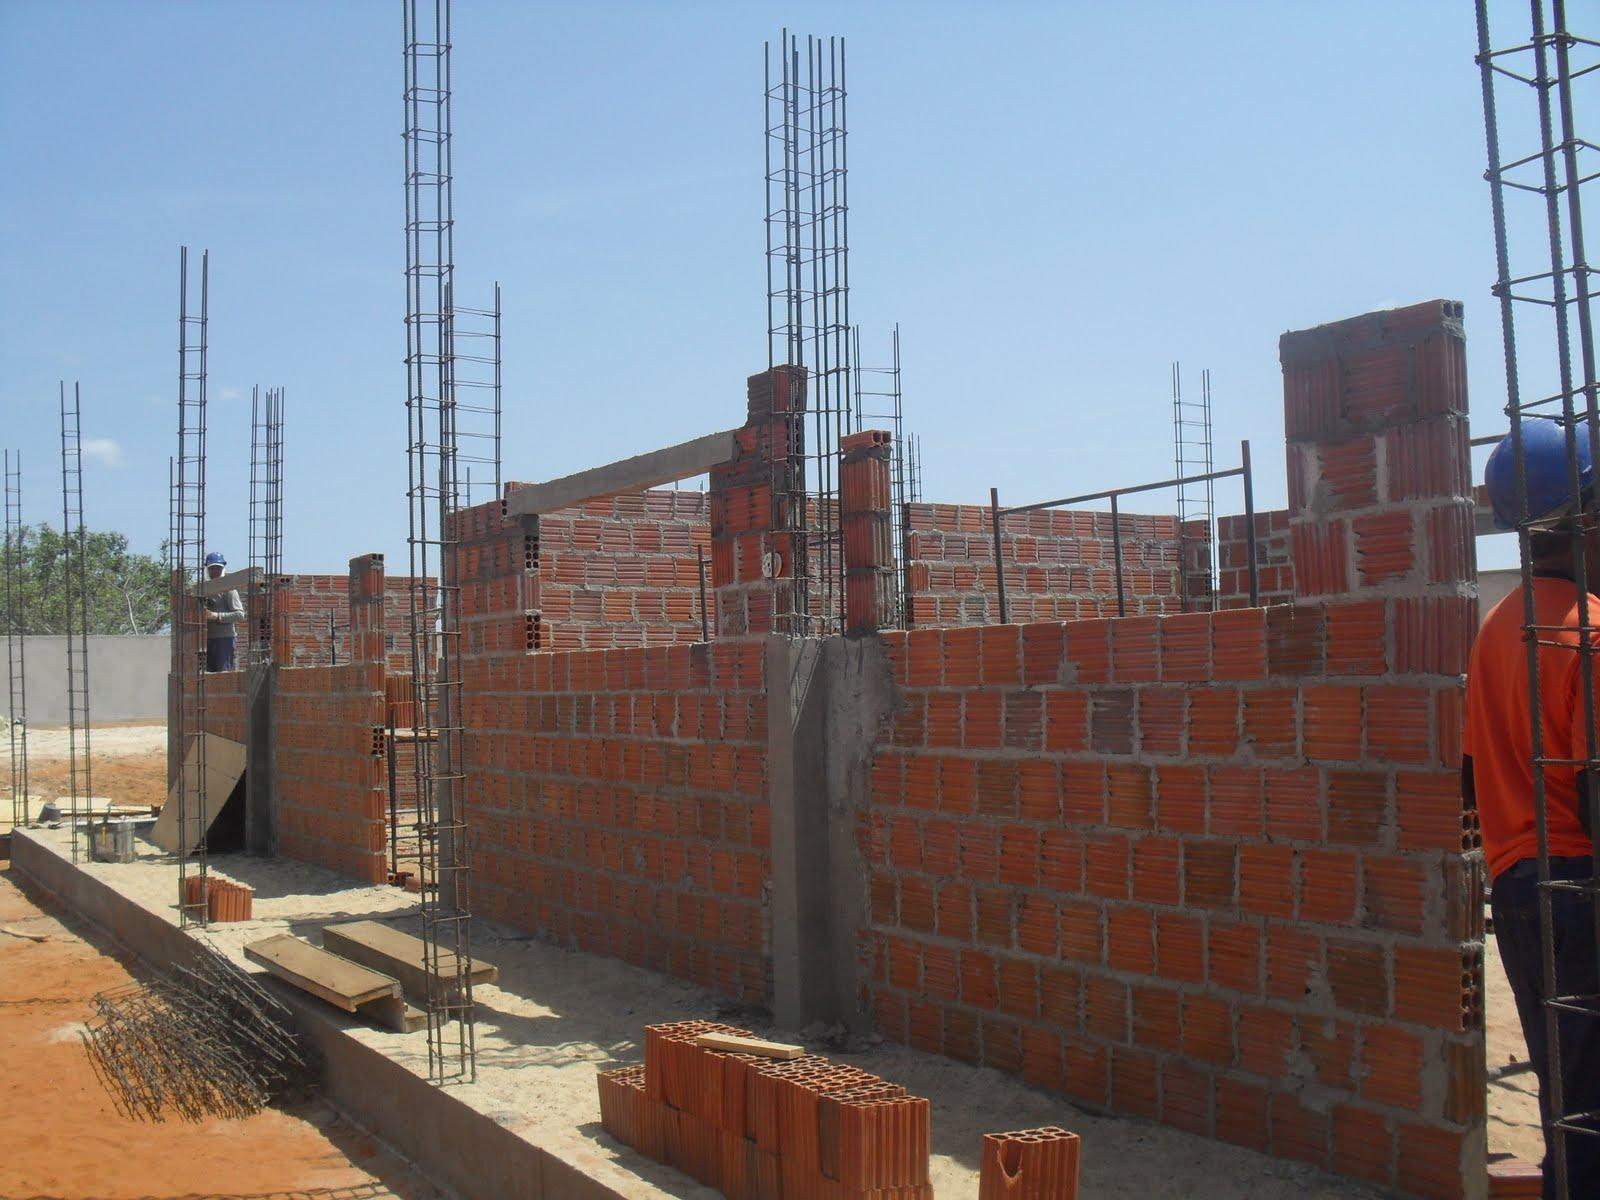 #2F669C Hoje as obras estão em fase de Laje. 1600x1200 px Projeto Cozinha Comunitária Governo Federal_4147 Imagens